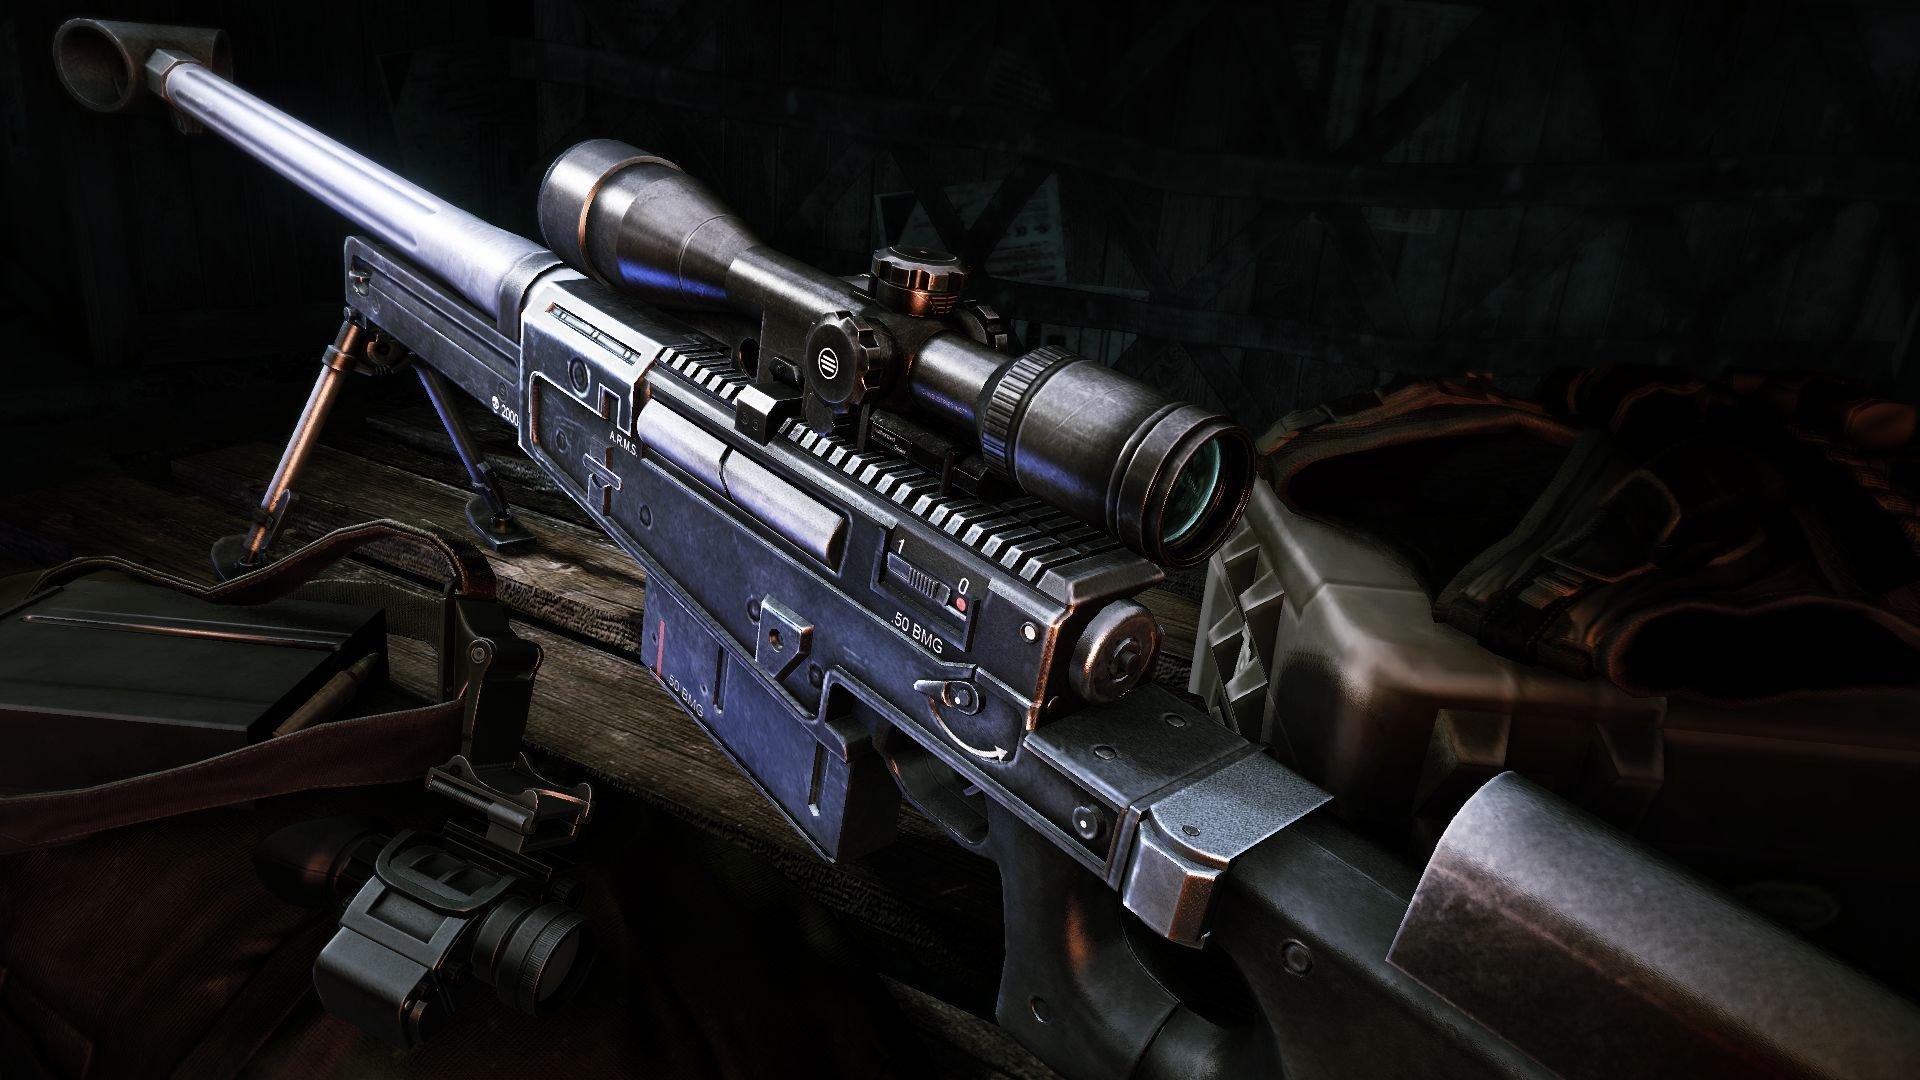 оружие снайпер weapons sniper в хорошем качестве